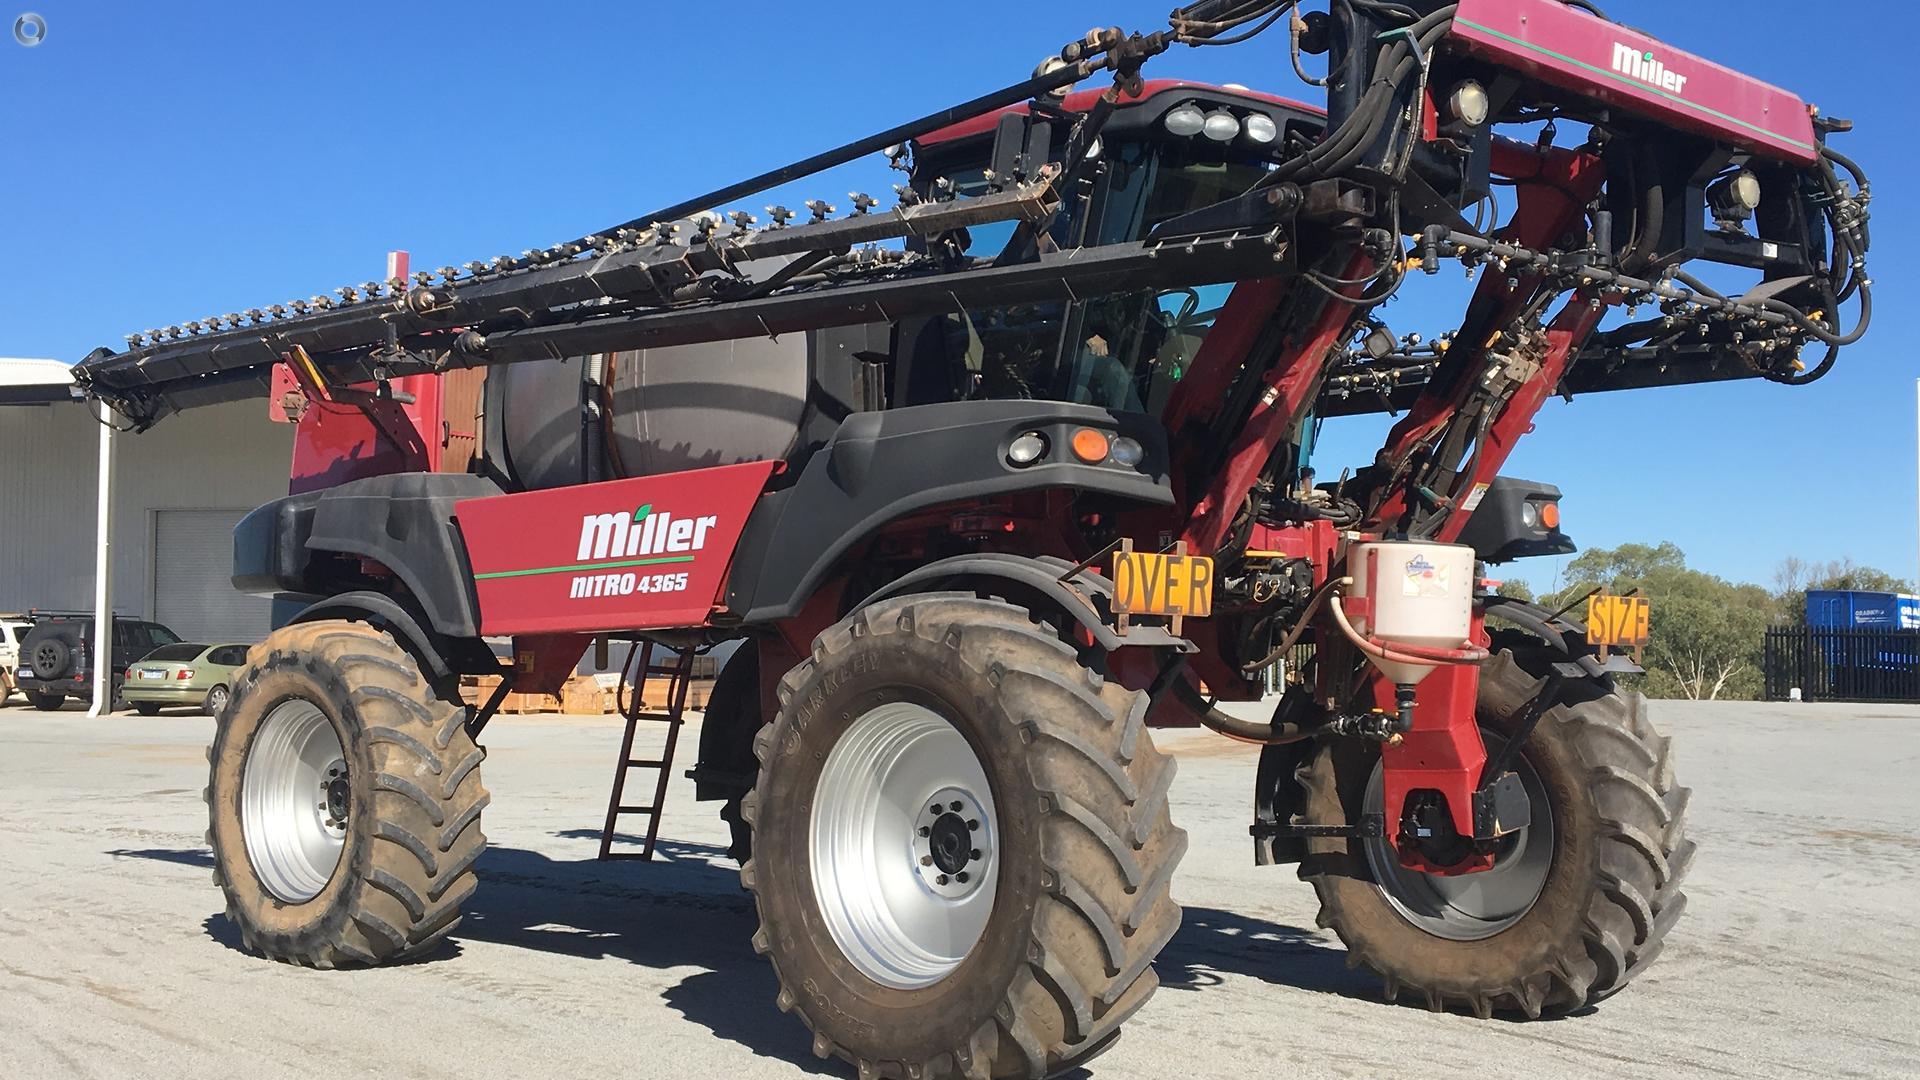 2012 Miller Nitro 4365